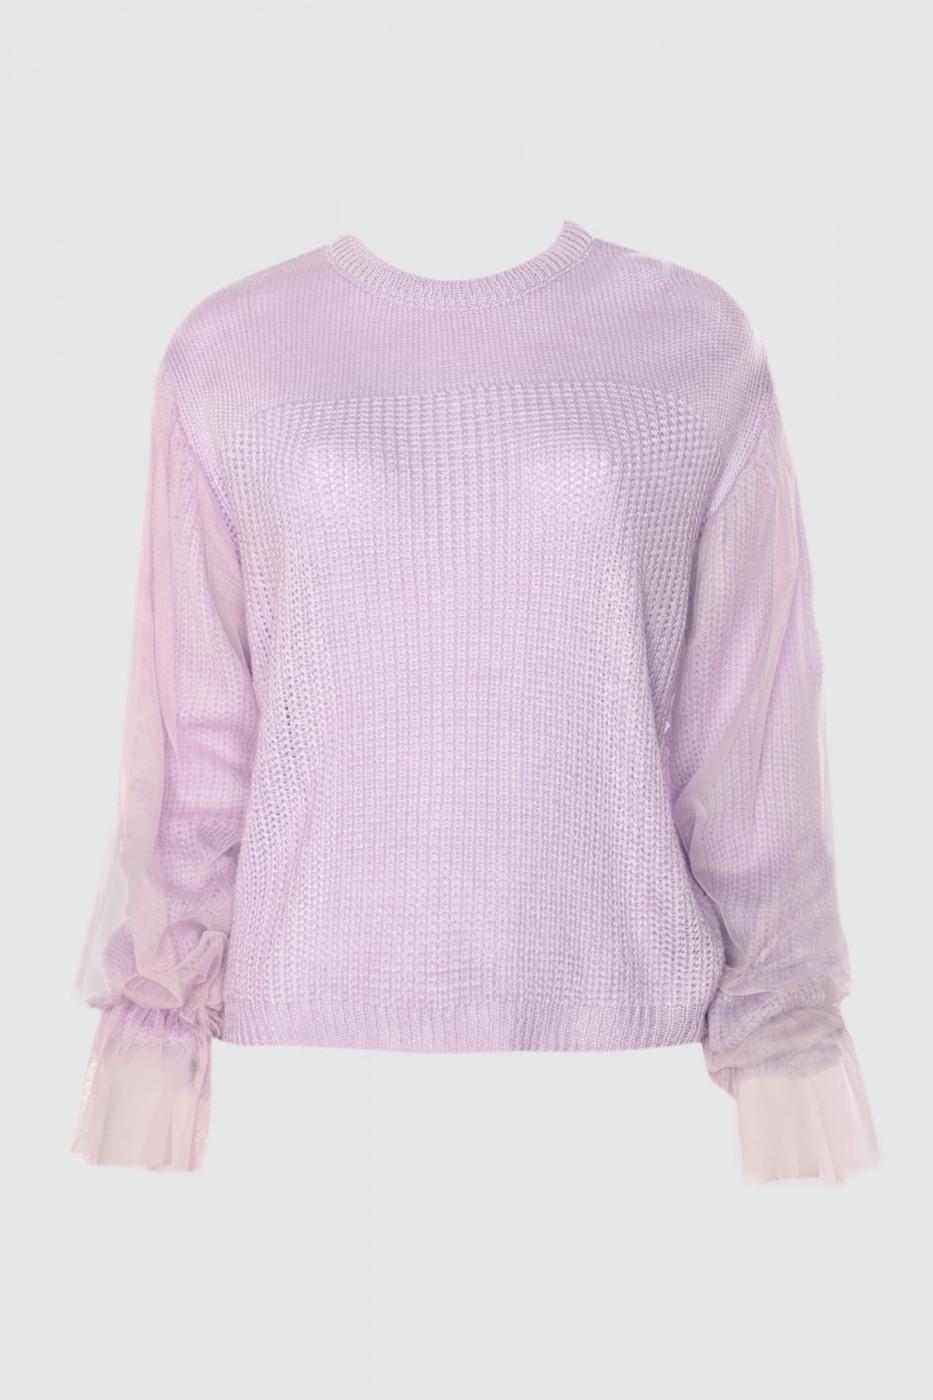 Trendyol Lila Tulle Detailed Knitwear Sweater